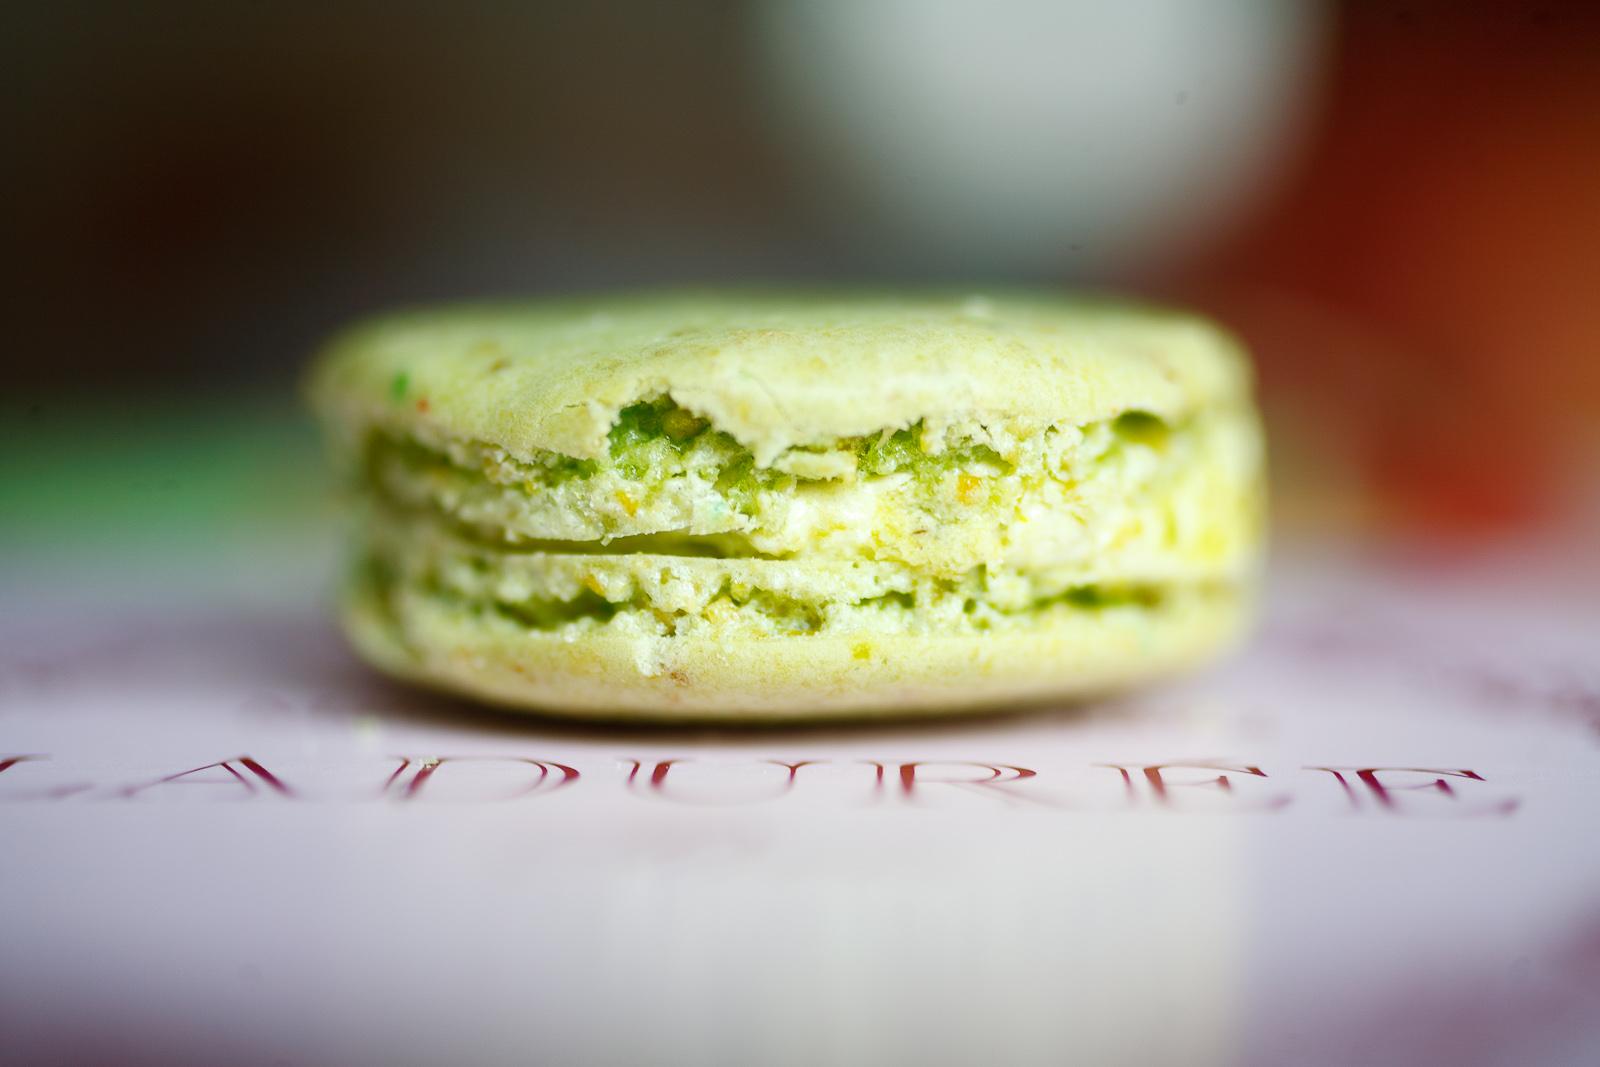 Macaron à la pistache (pistachio)